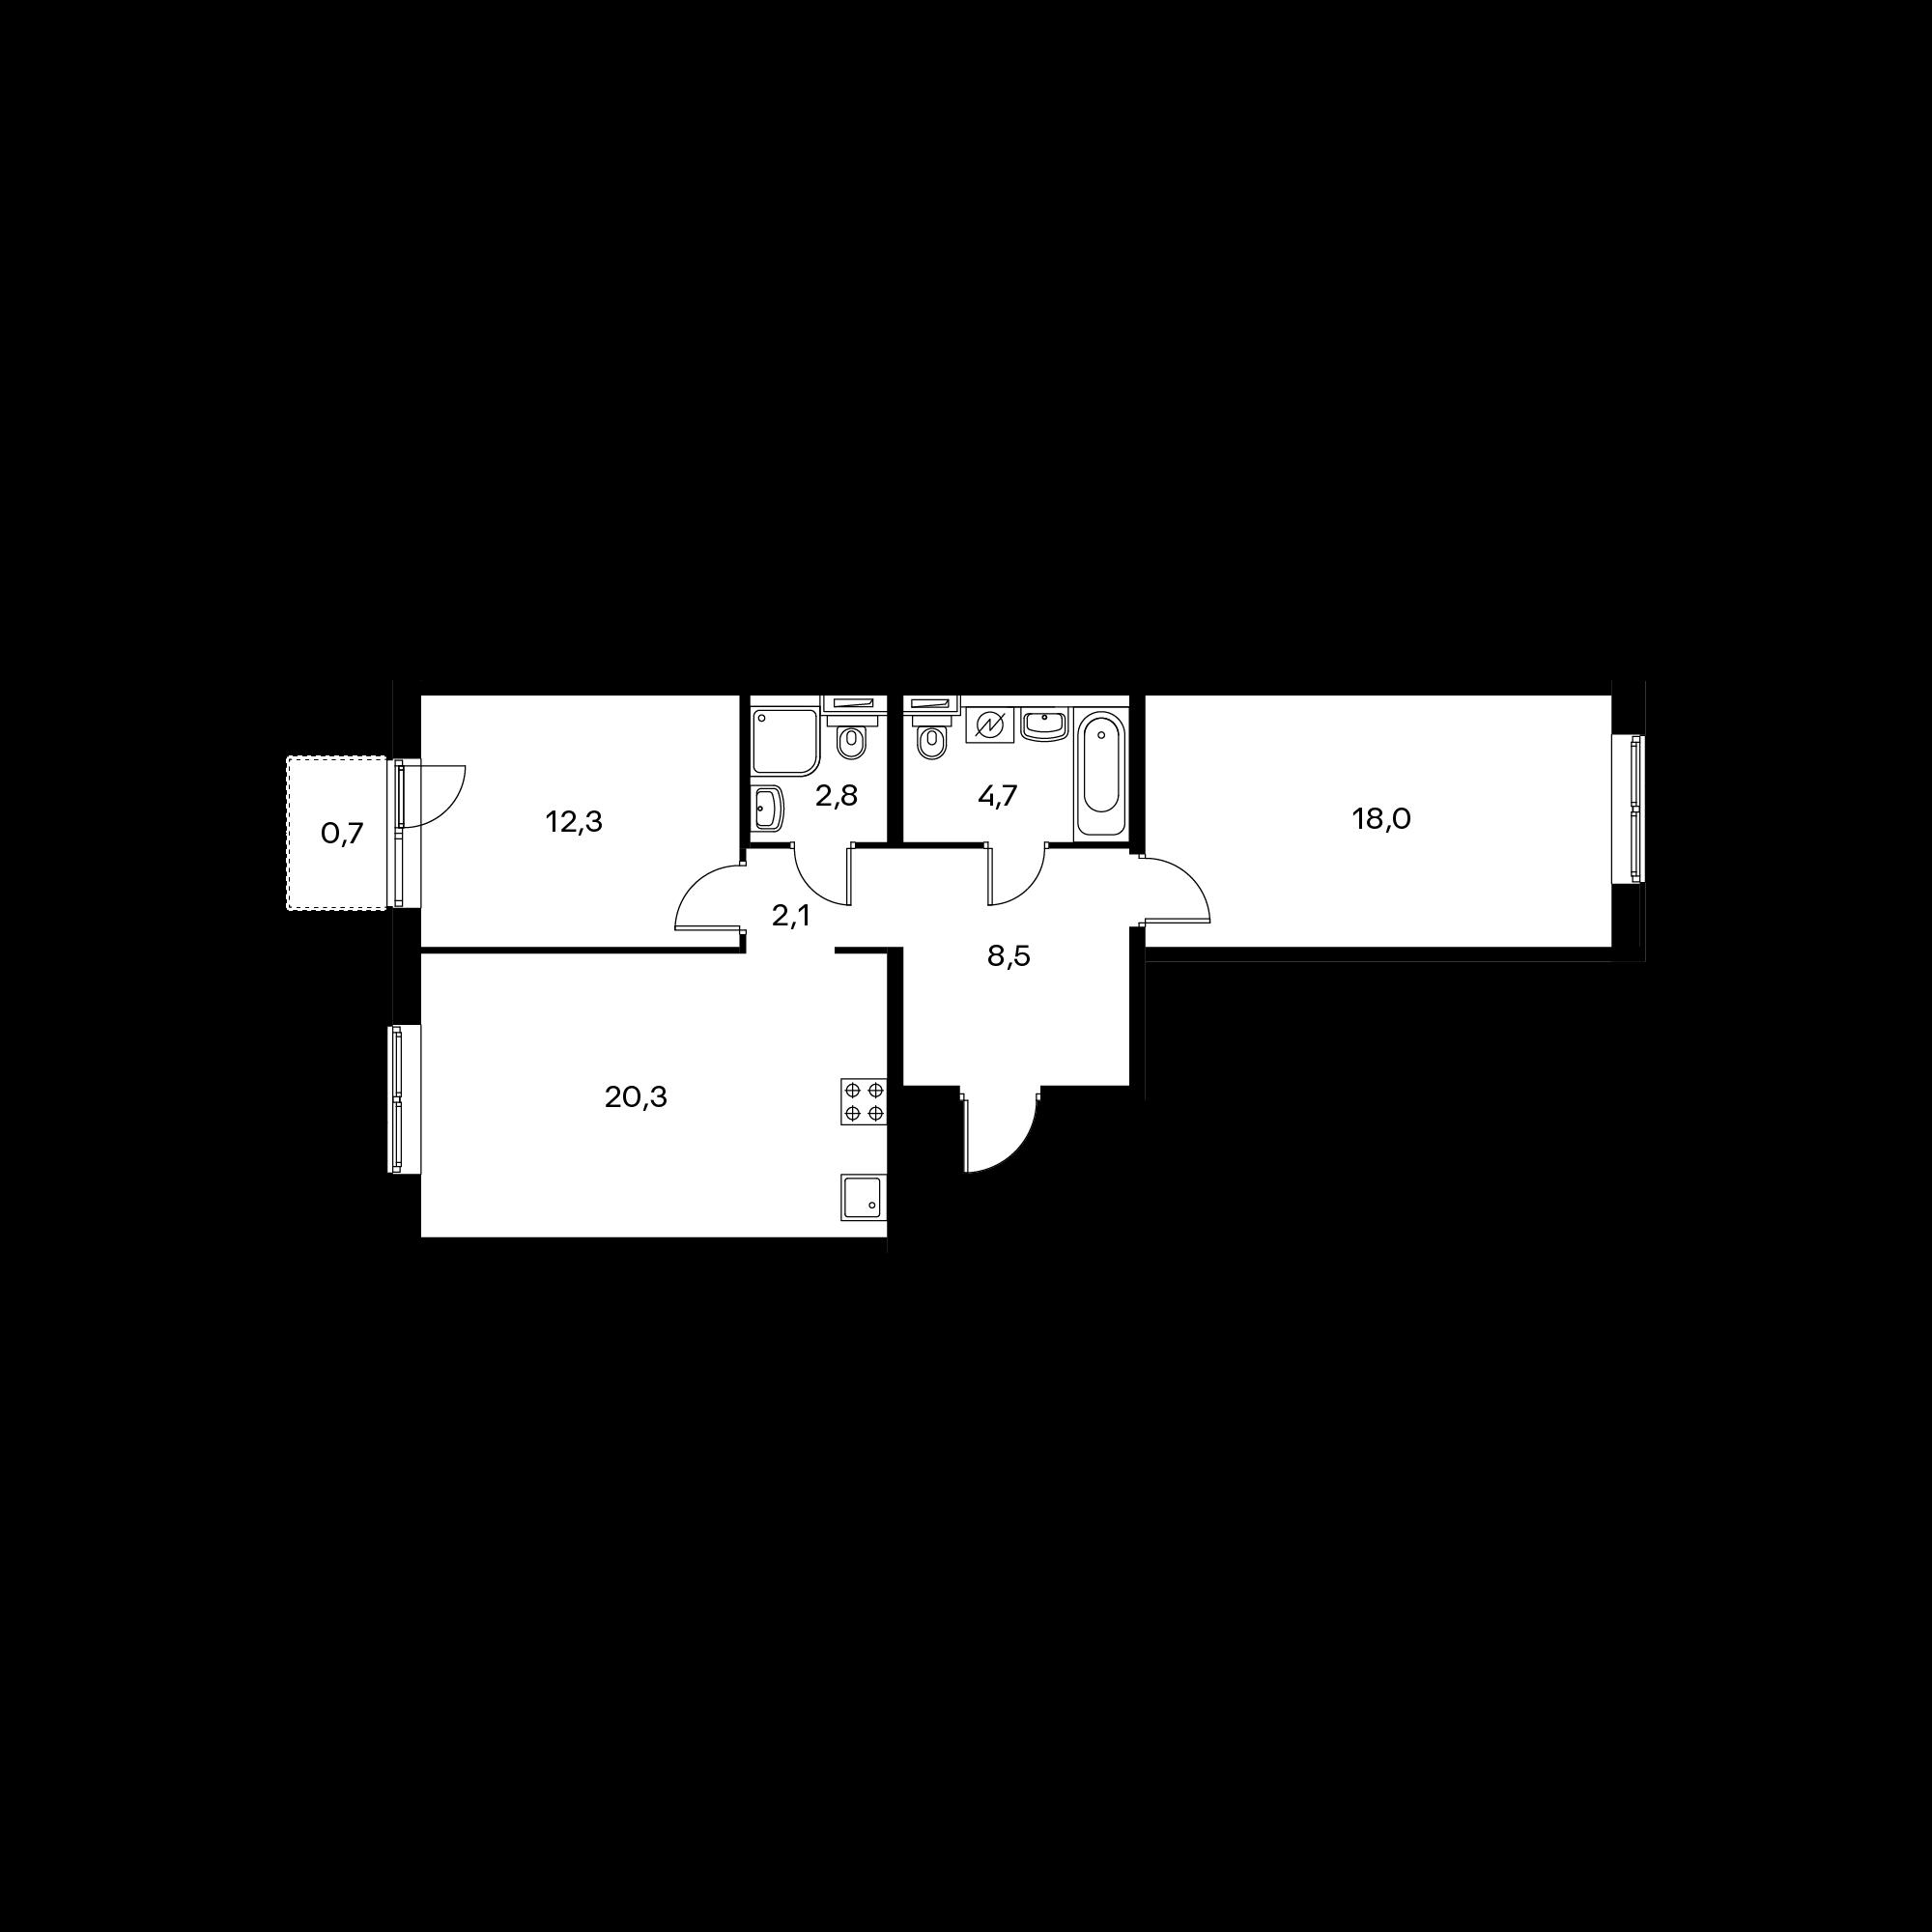 2EL10_6.9-2_B